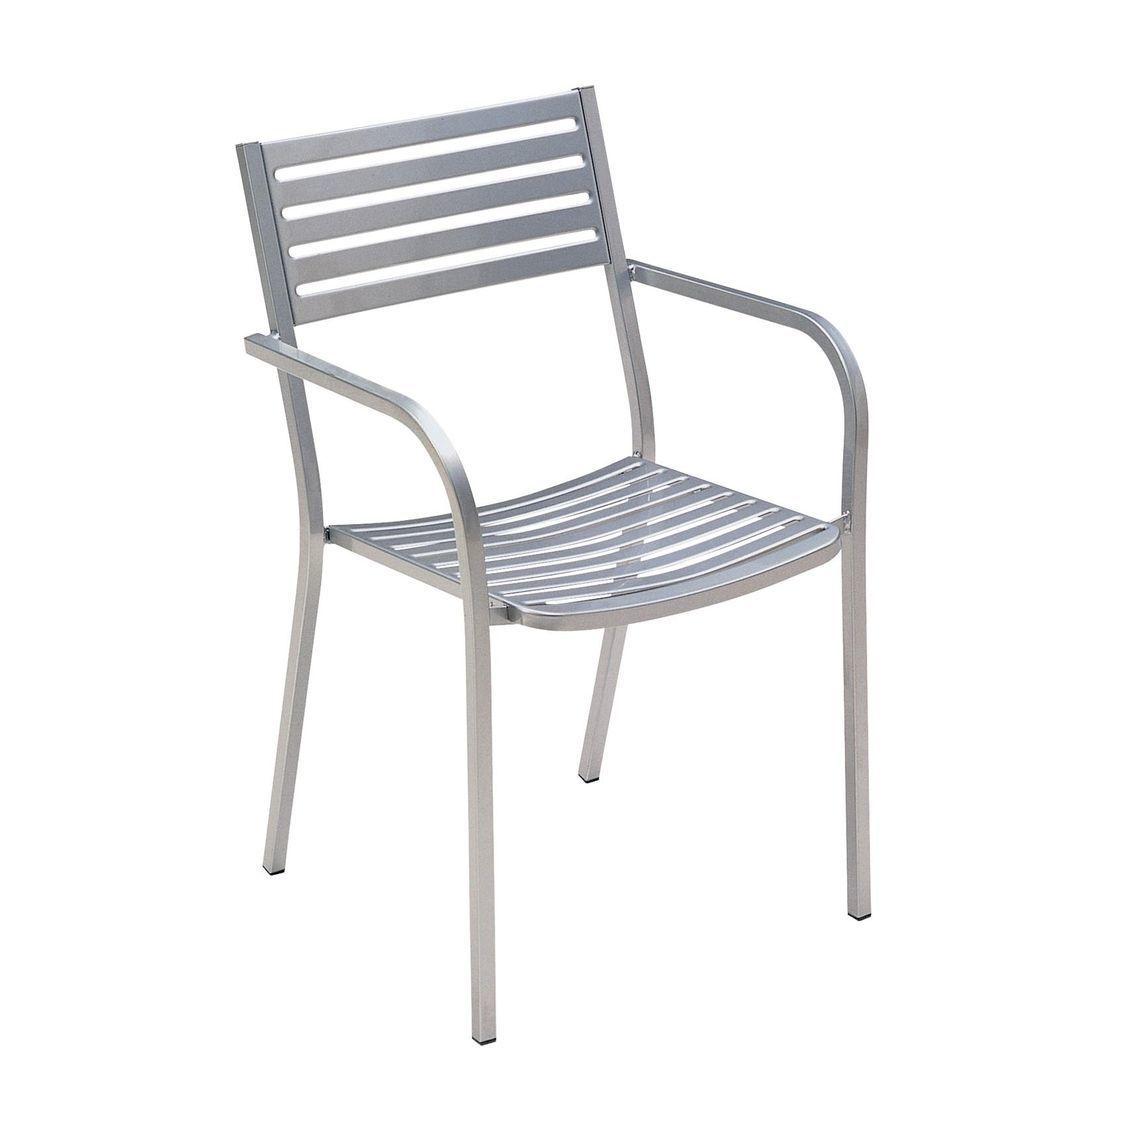 Segno silla con reposabrazos emu - Sillas con reposabrazos ...